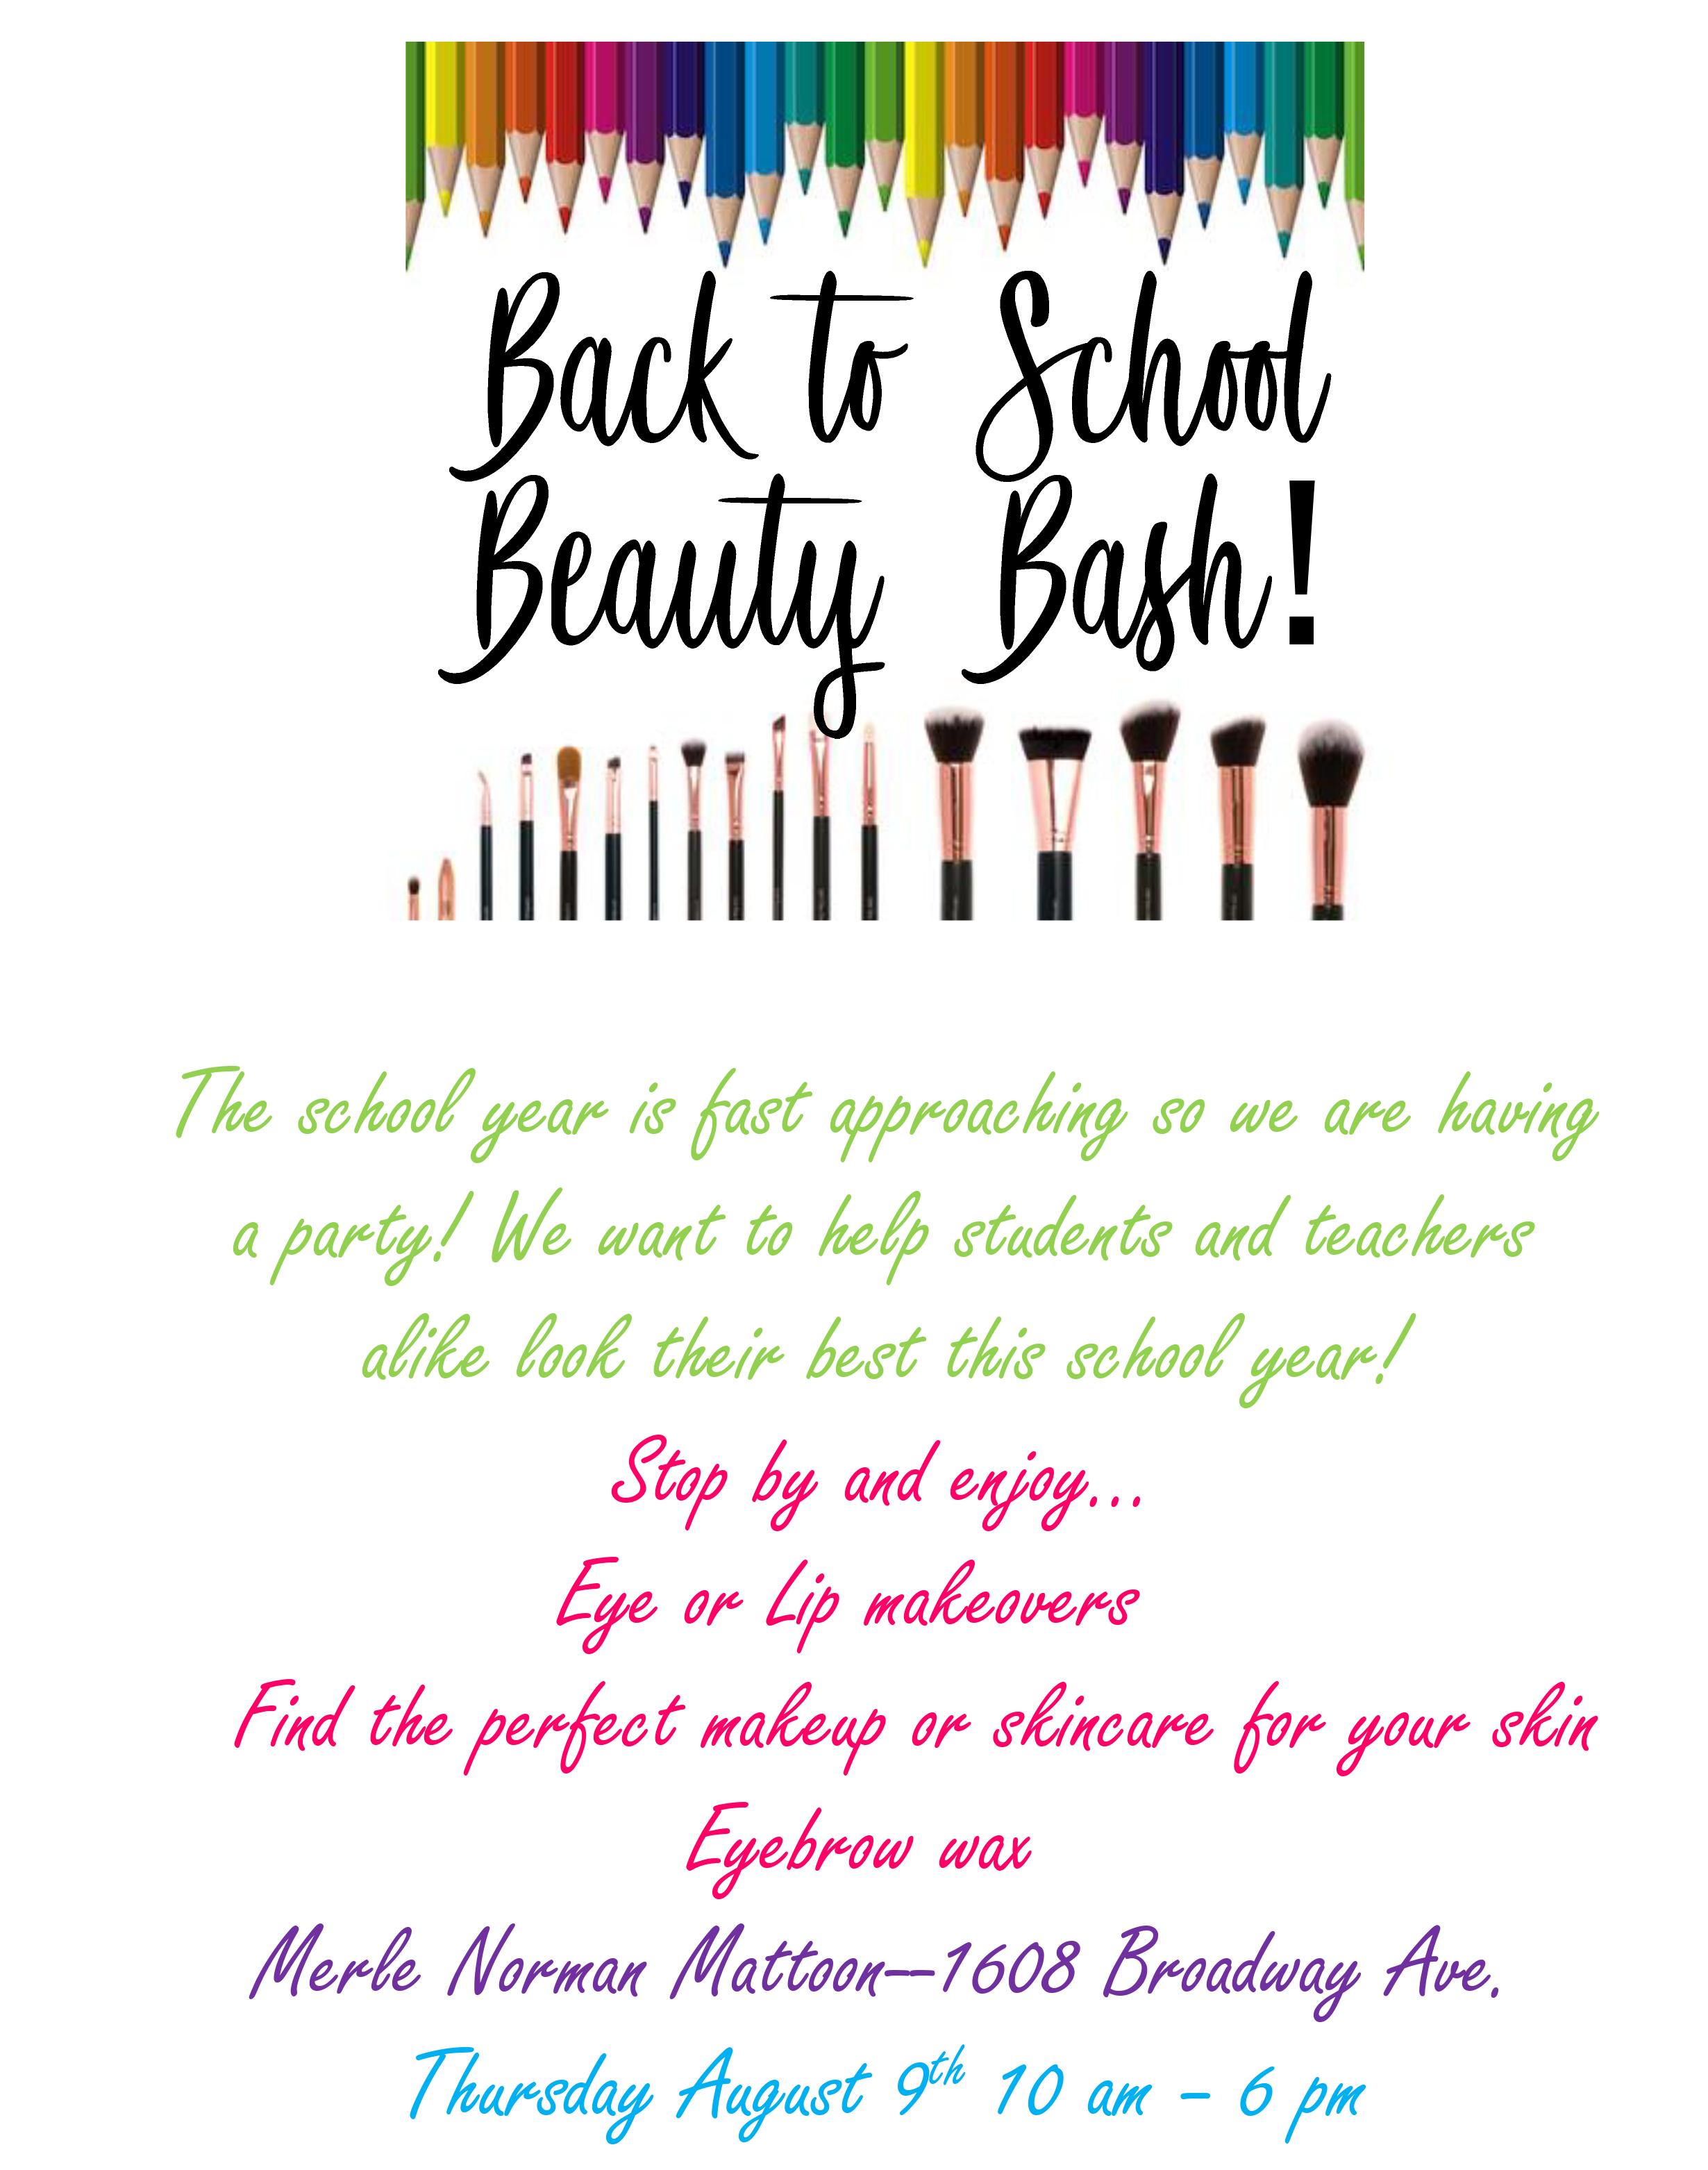 Back to School Beauty Bash @ Merle Norman Mattoon | Mattoon | Illinois | United States